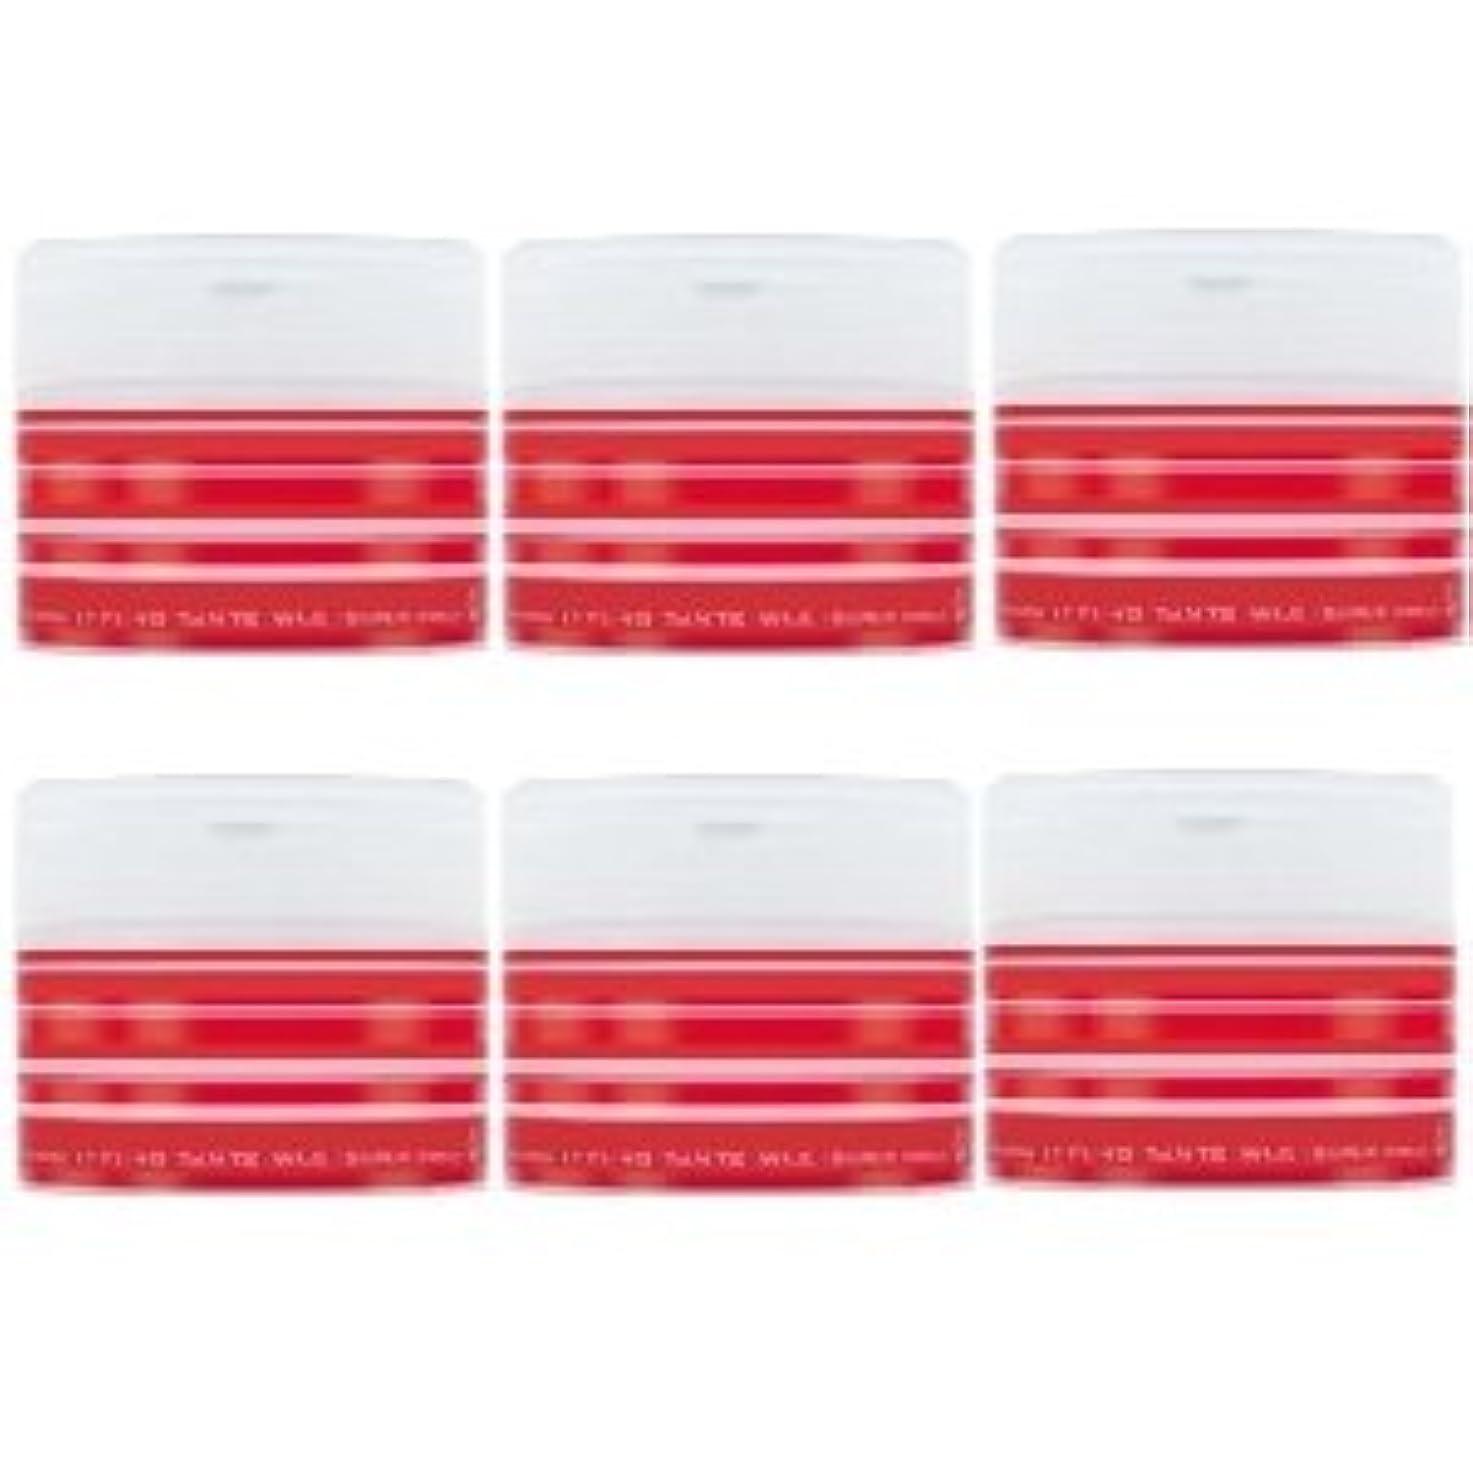 郡エイズジュニアナカノ スタイリング タントN ワックス 5 スーパーハード 90g × 6個セット